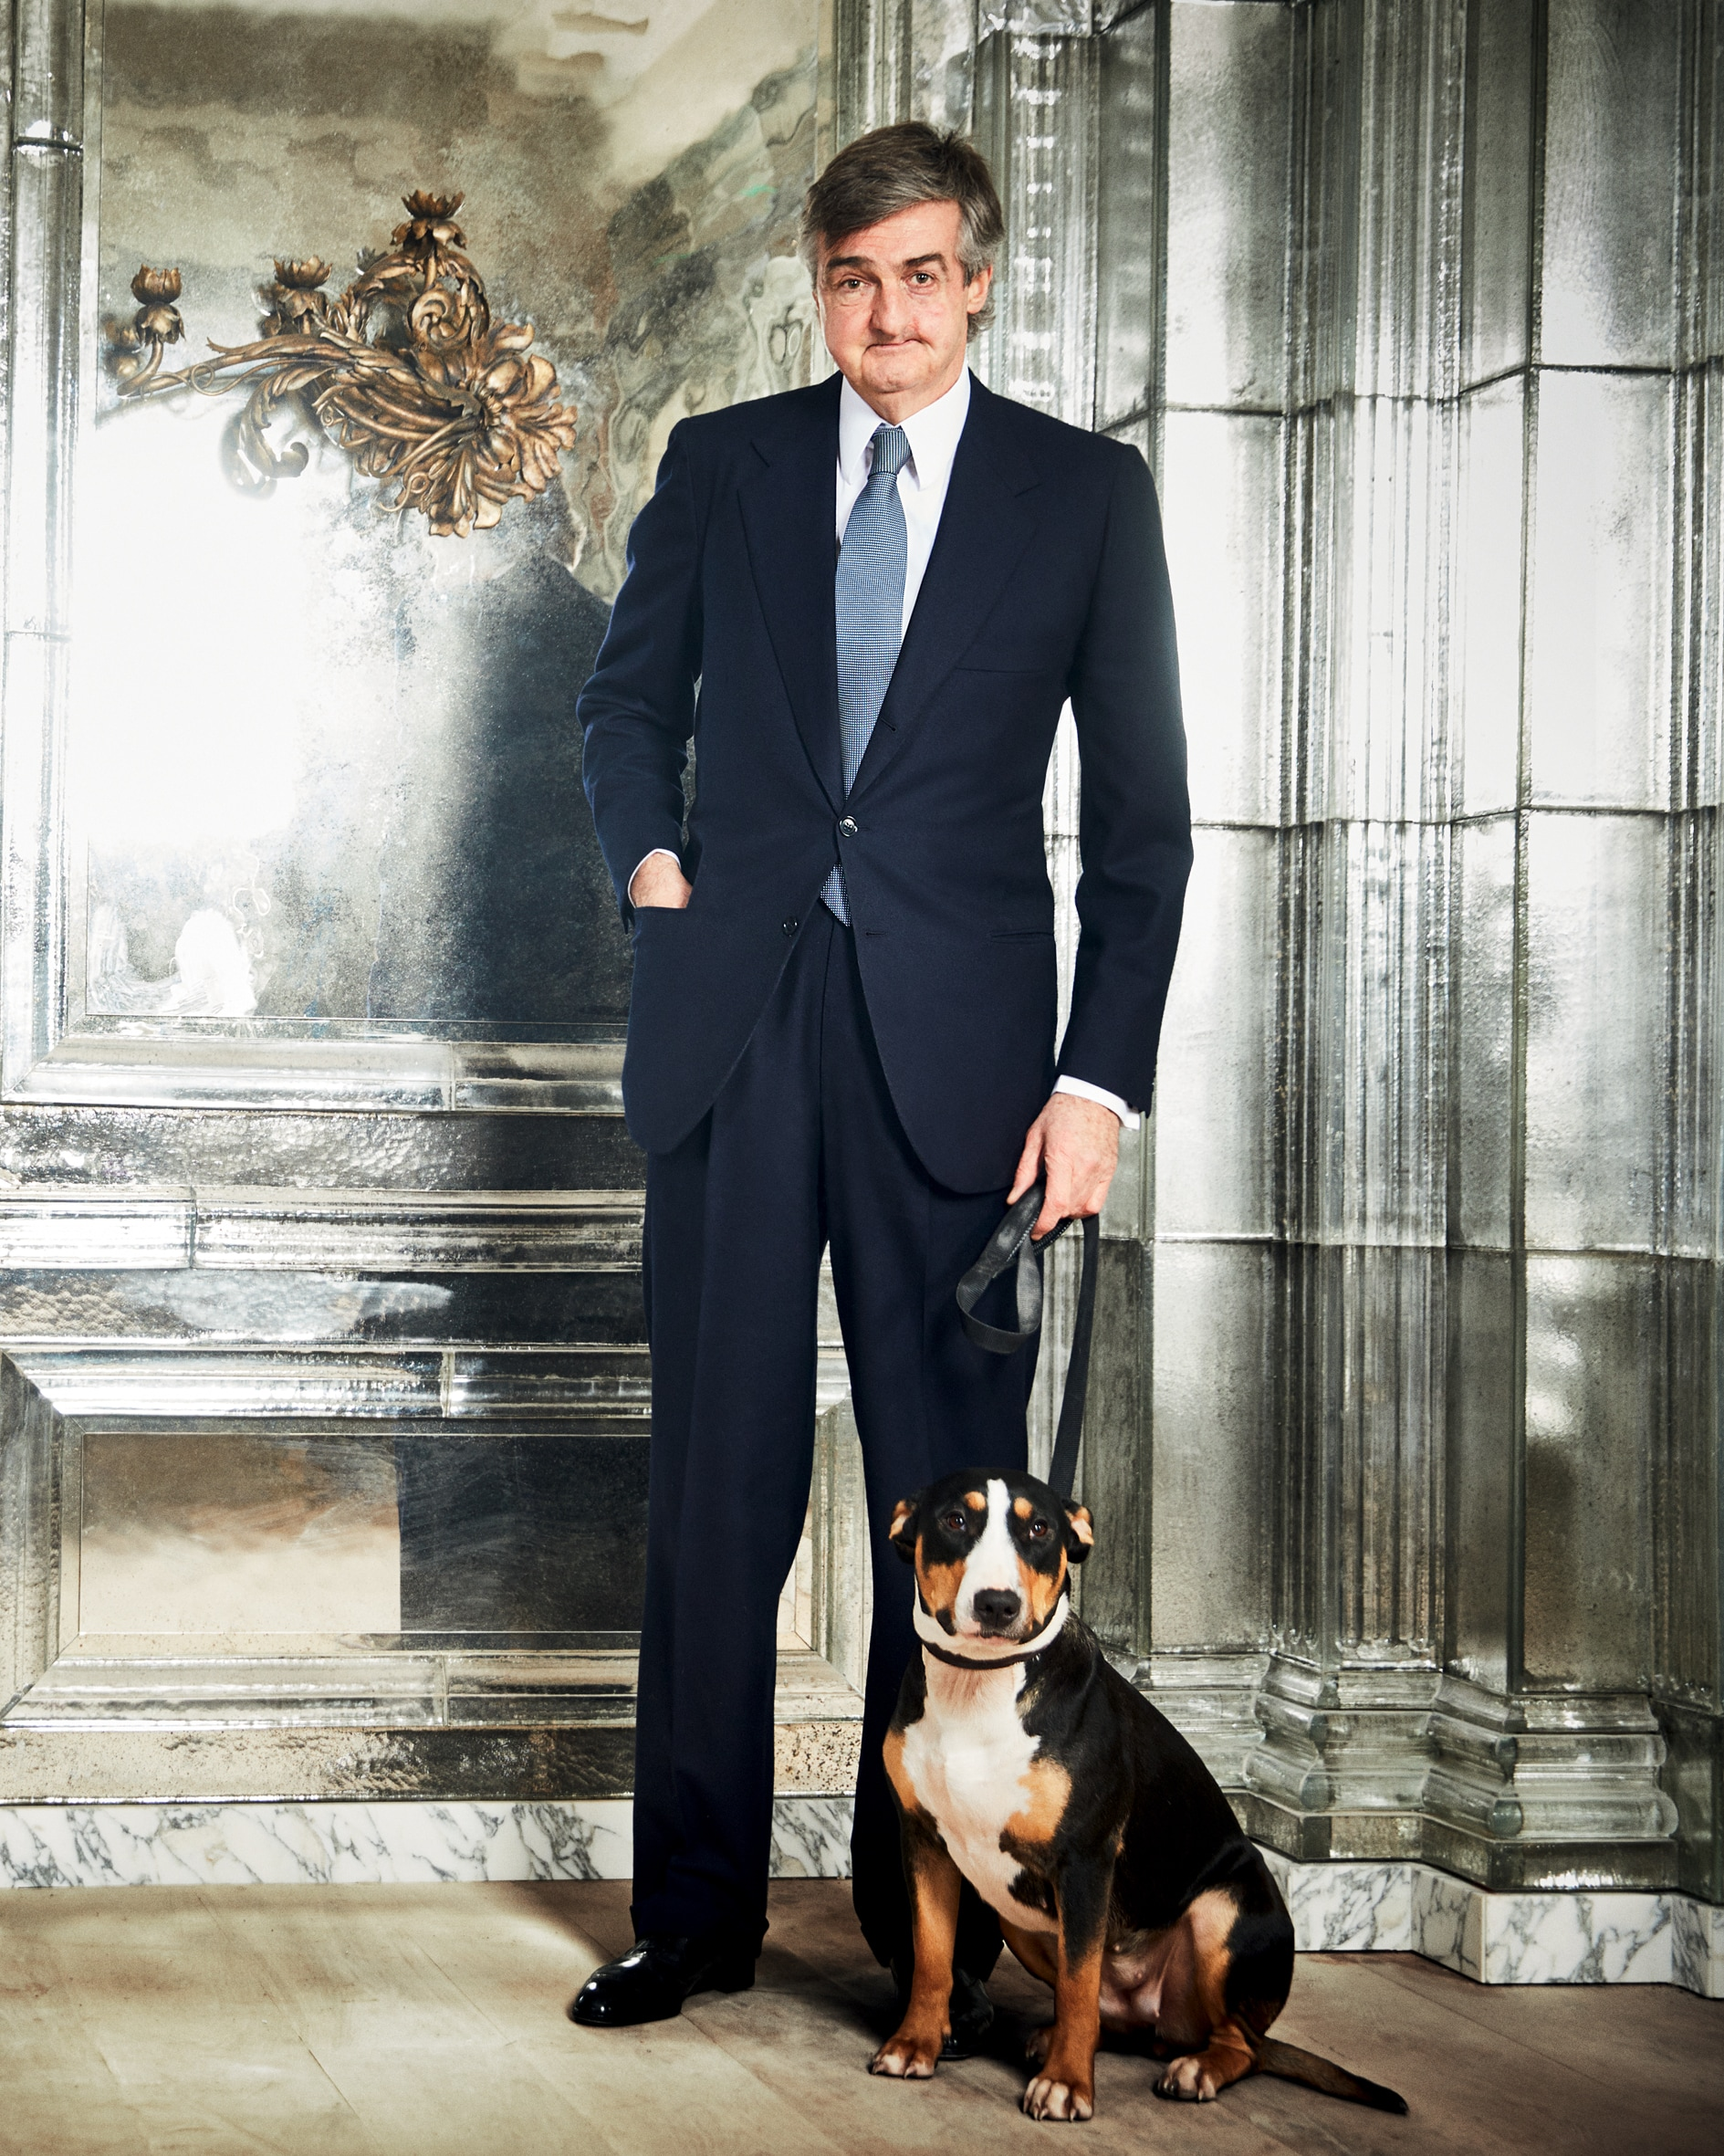 «Lei, la mia cagnolina, si chiama Peg», dice Robin Birley, qui fotografato all'Oswald's Club, nel quartiere londinese di Mayfair.